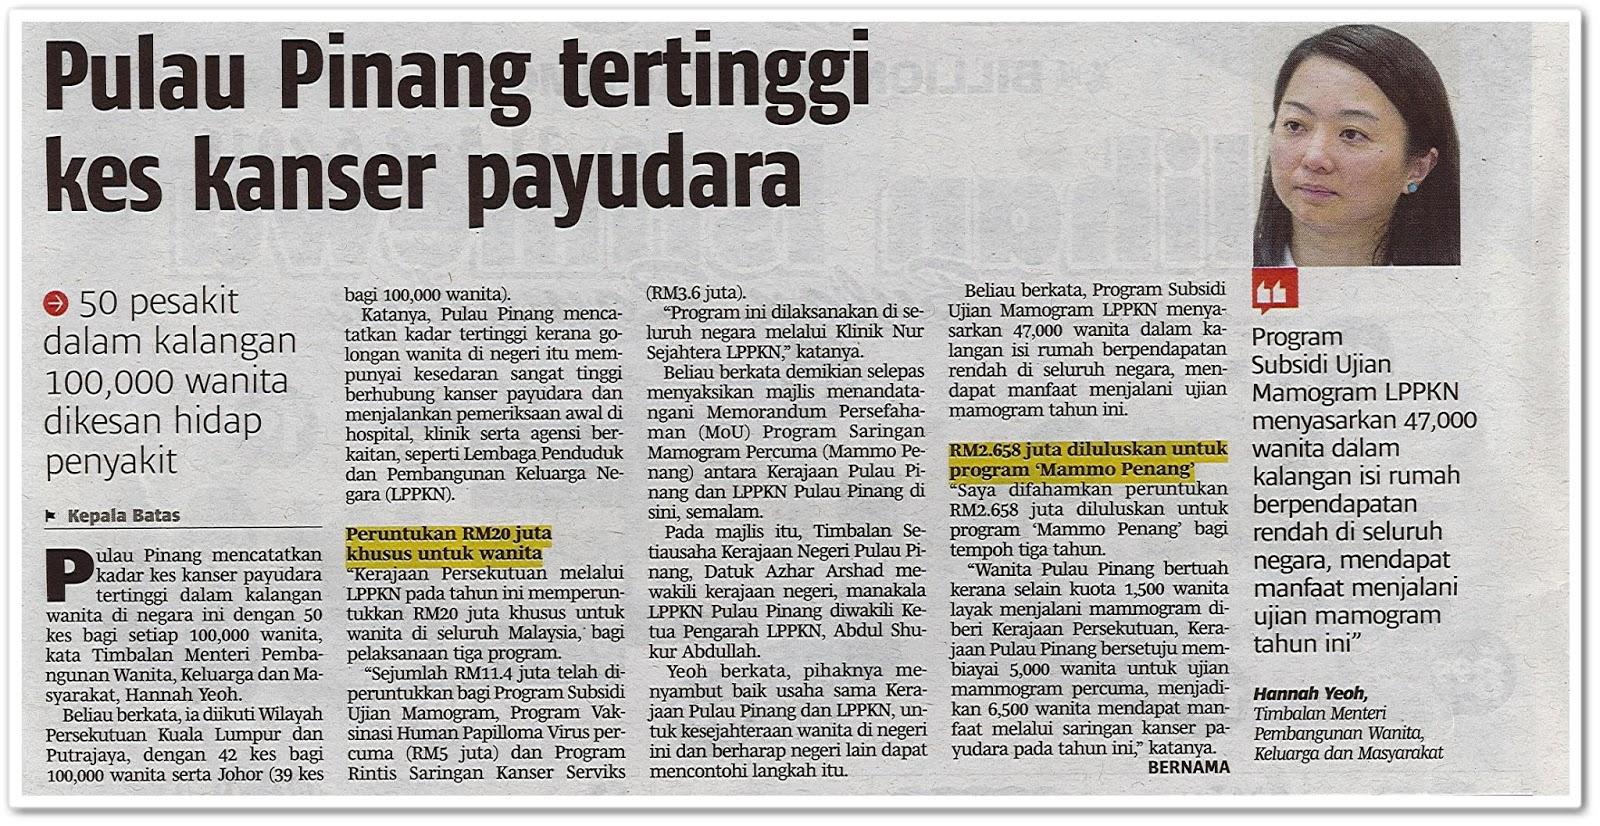 Pulau Pinang tertinggi kes kanser payudara - Keratan akhbar Berita Harian 31 Mei 2019